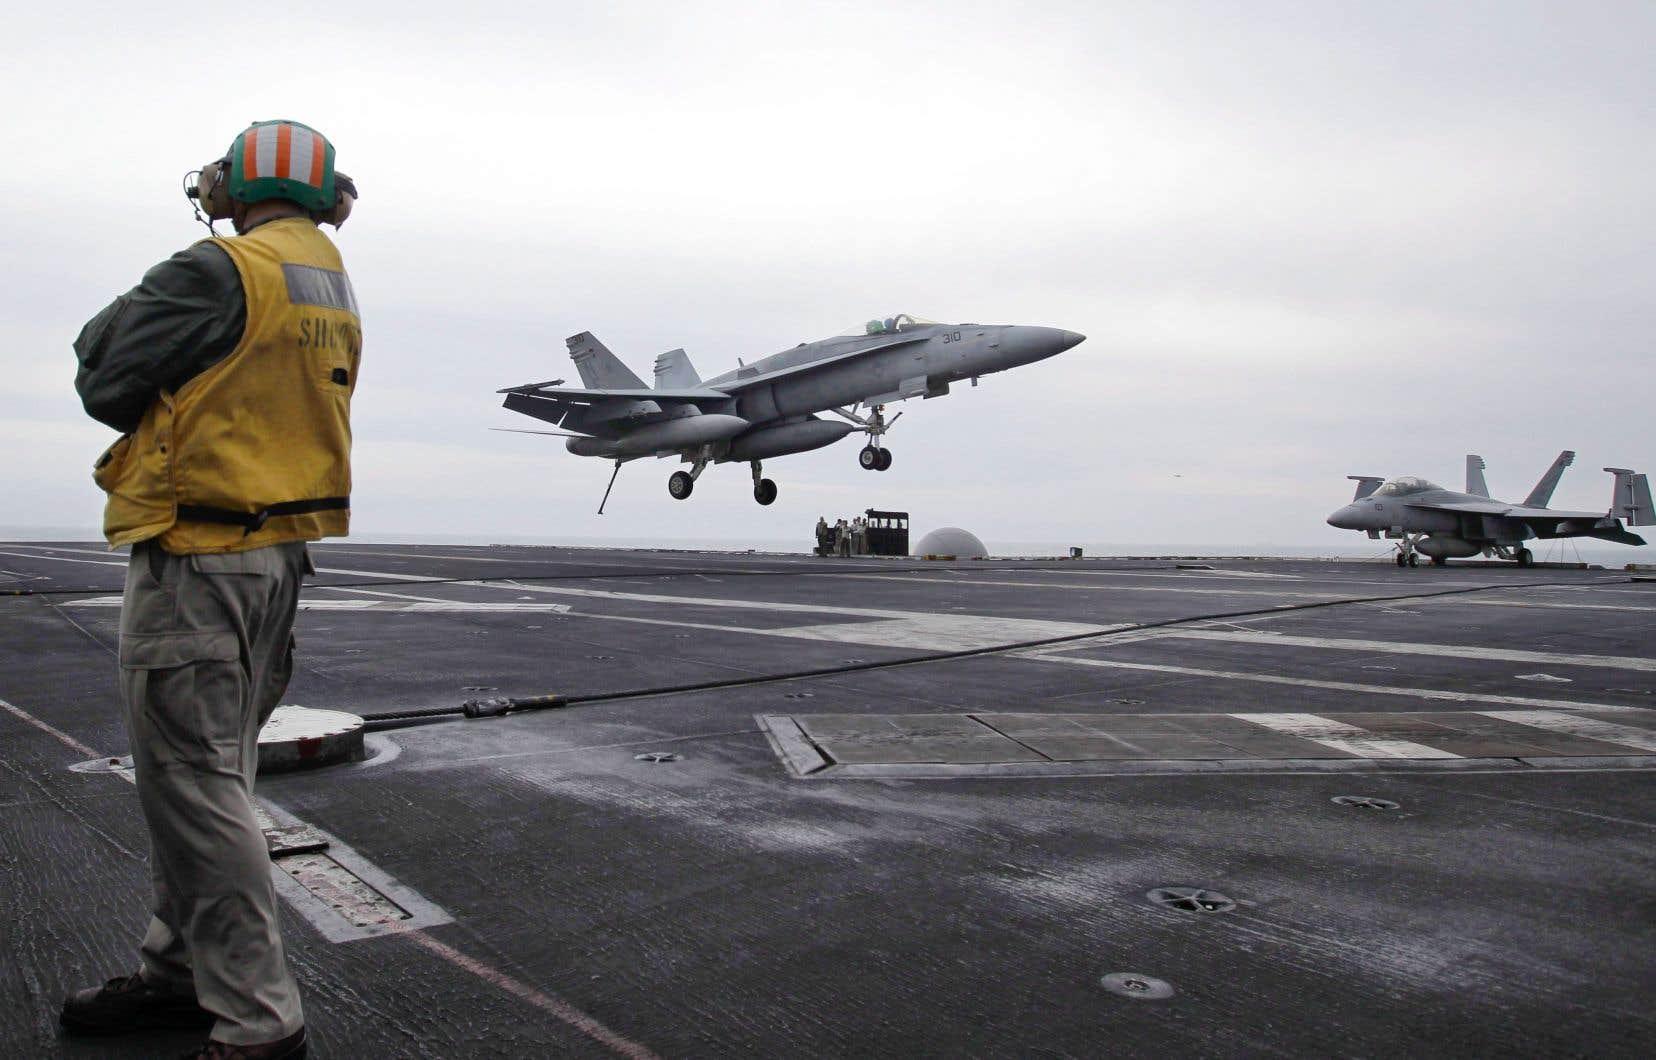 Un chasseur américain à l'atterrissage sur le porte-avion USS Abraham Lincoln